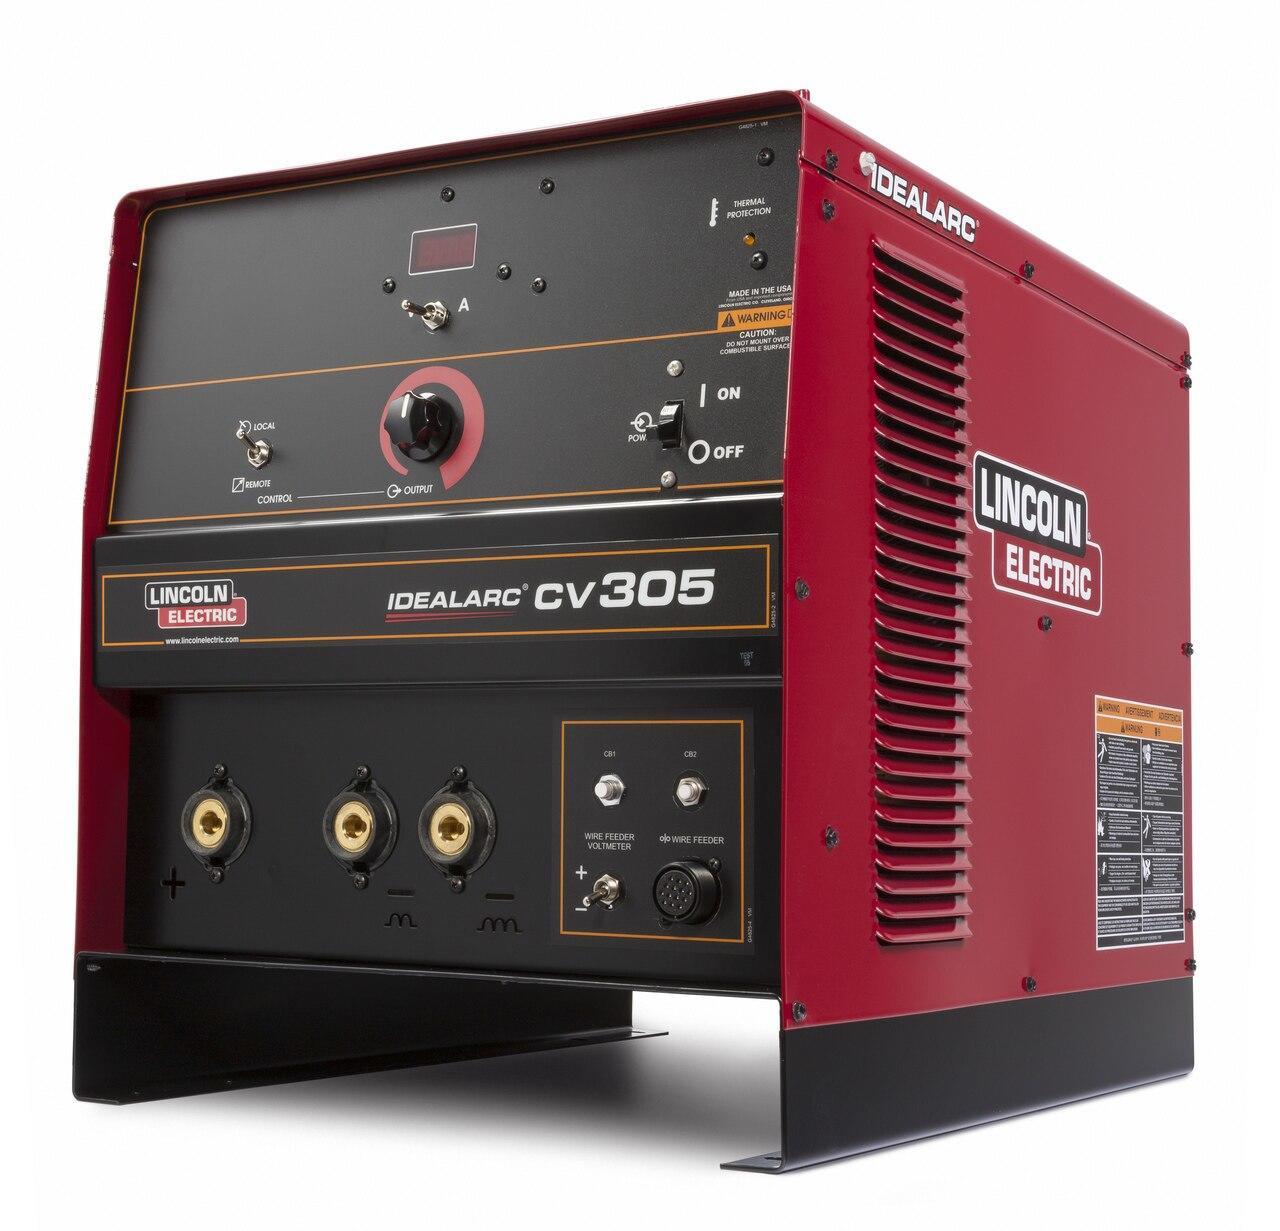 Lincoln Idealarc CV305 MIG Welder K2400-1